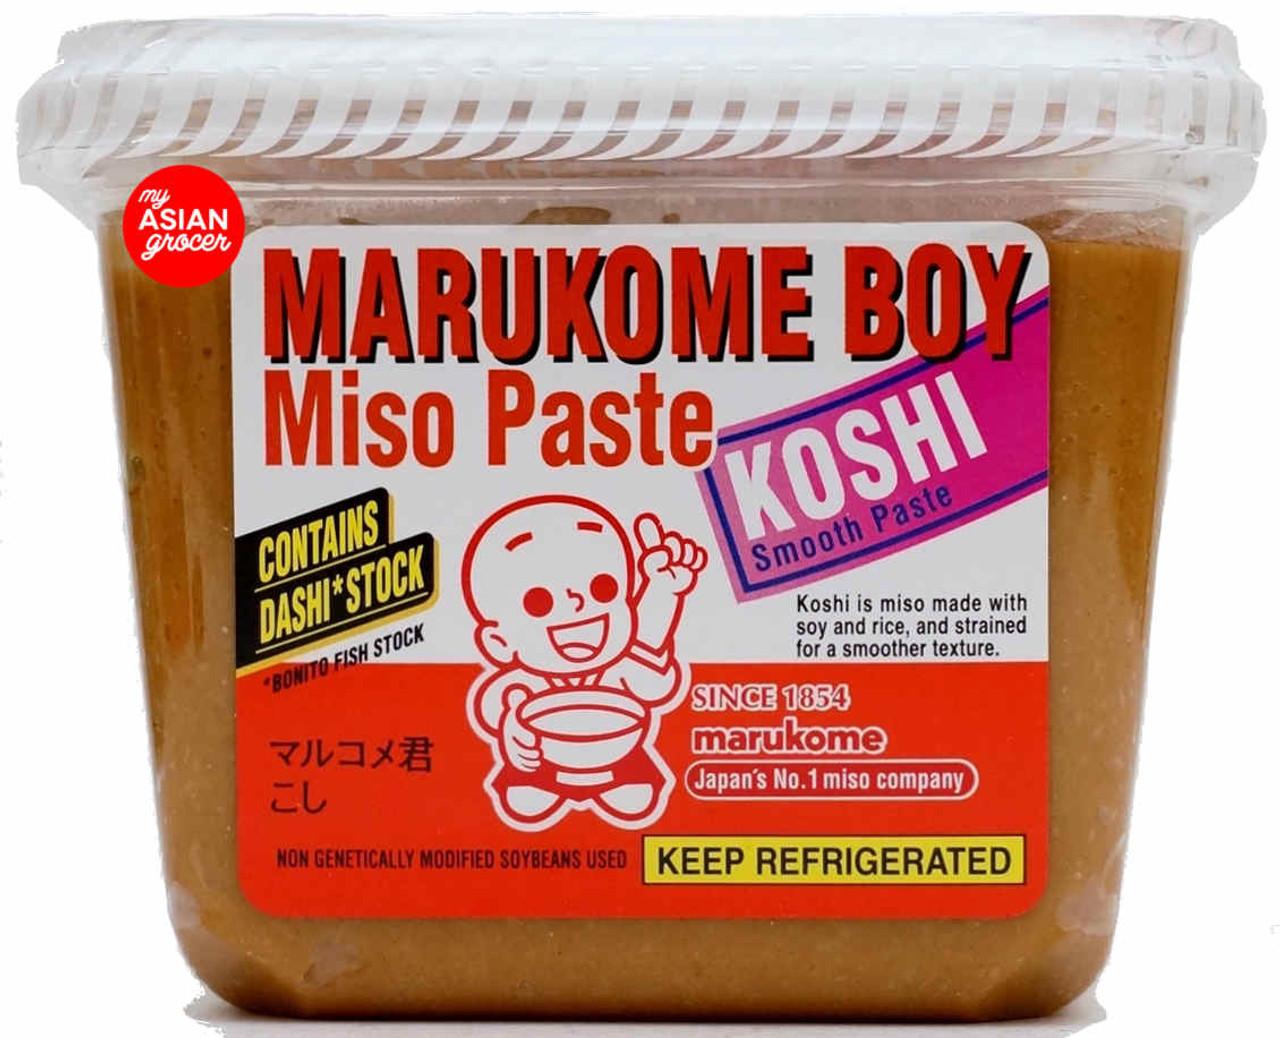 Marukome Boy Miso Paste Koshi 650g